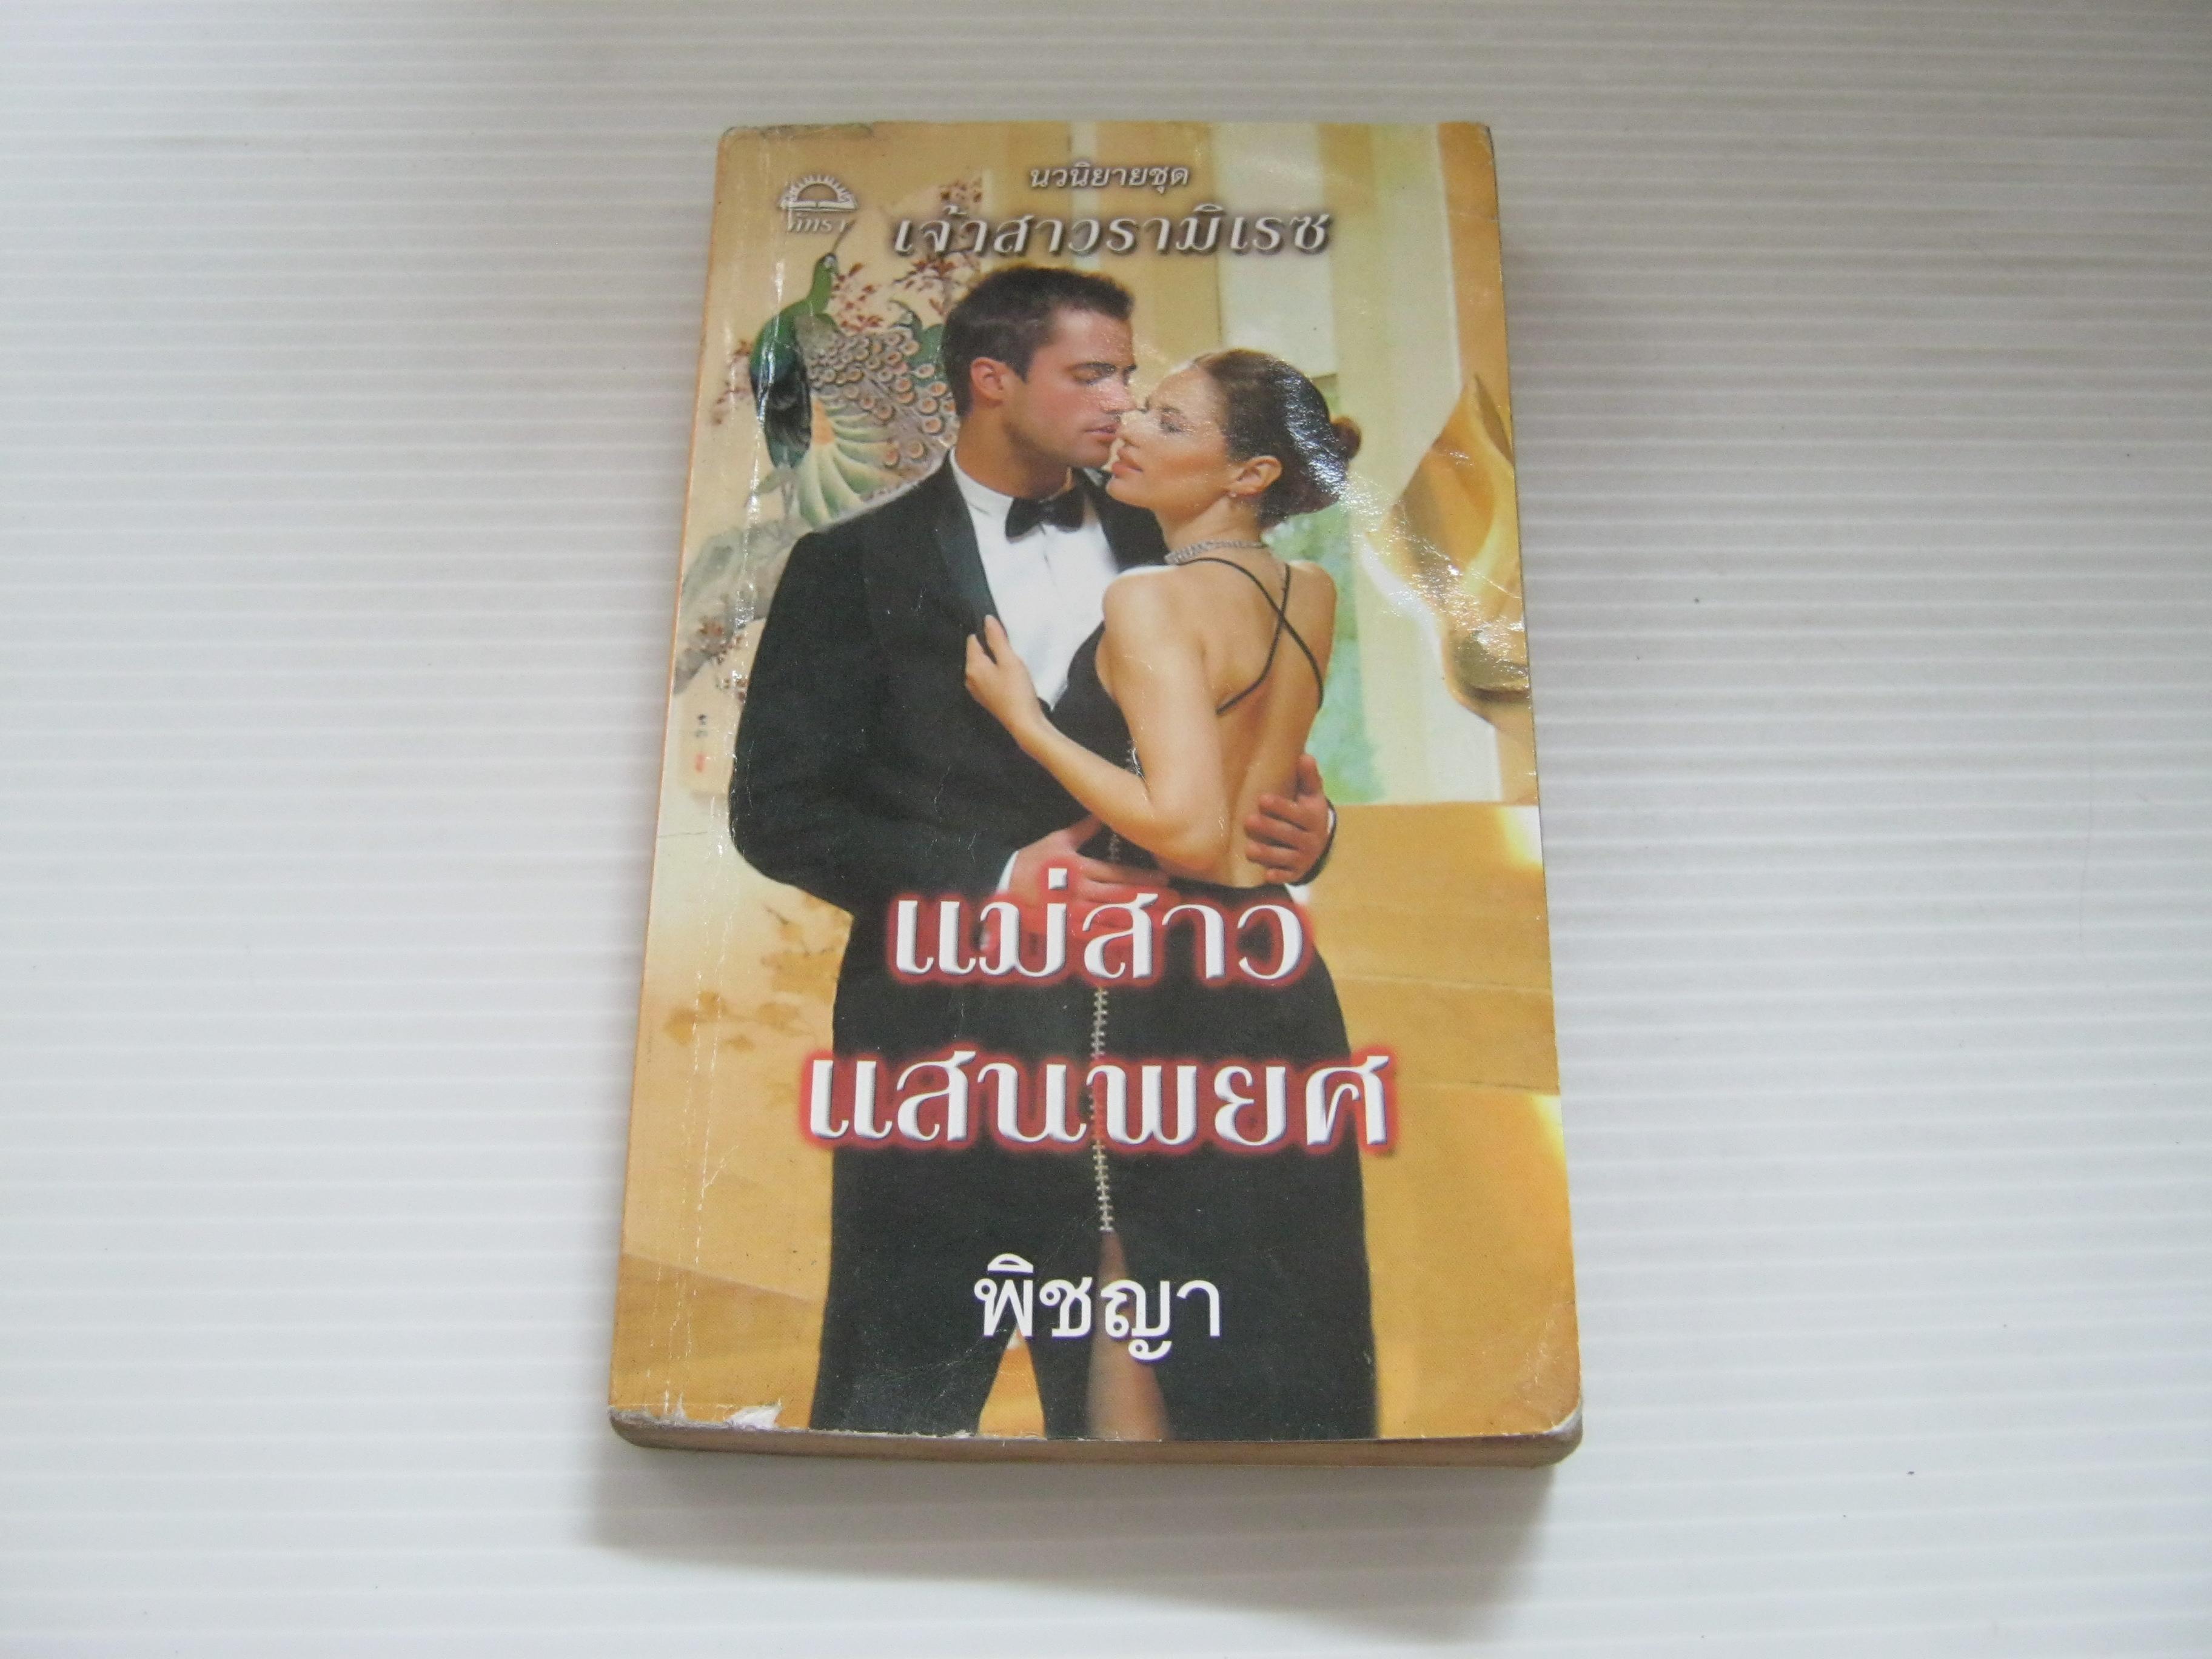 นวนิยายชุดเจ้าสาวรามิเรซ ตอน แม่สาวแสนพยศ แซนดร้า มาร์ตัน เขียนพิชญา แปล